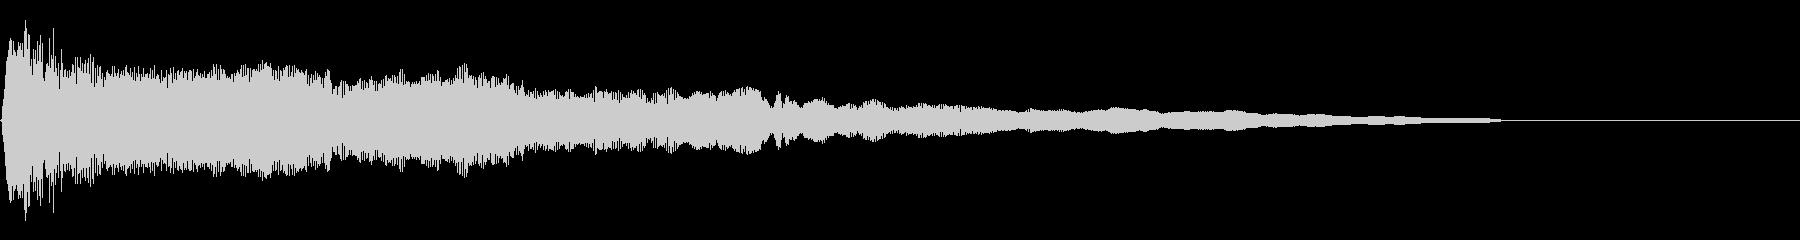 尺八三重奏による和風ジングル01の未再生の波形